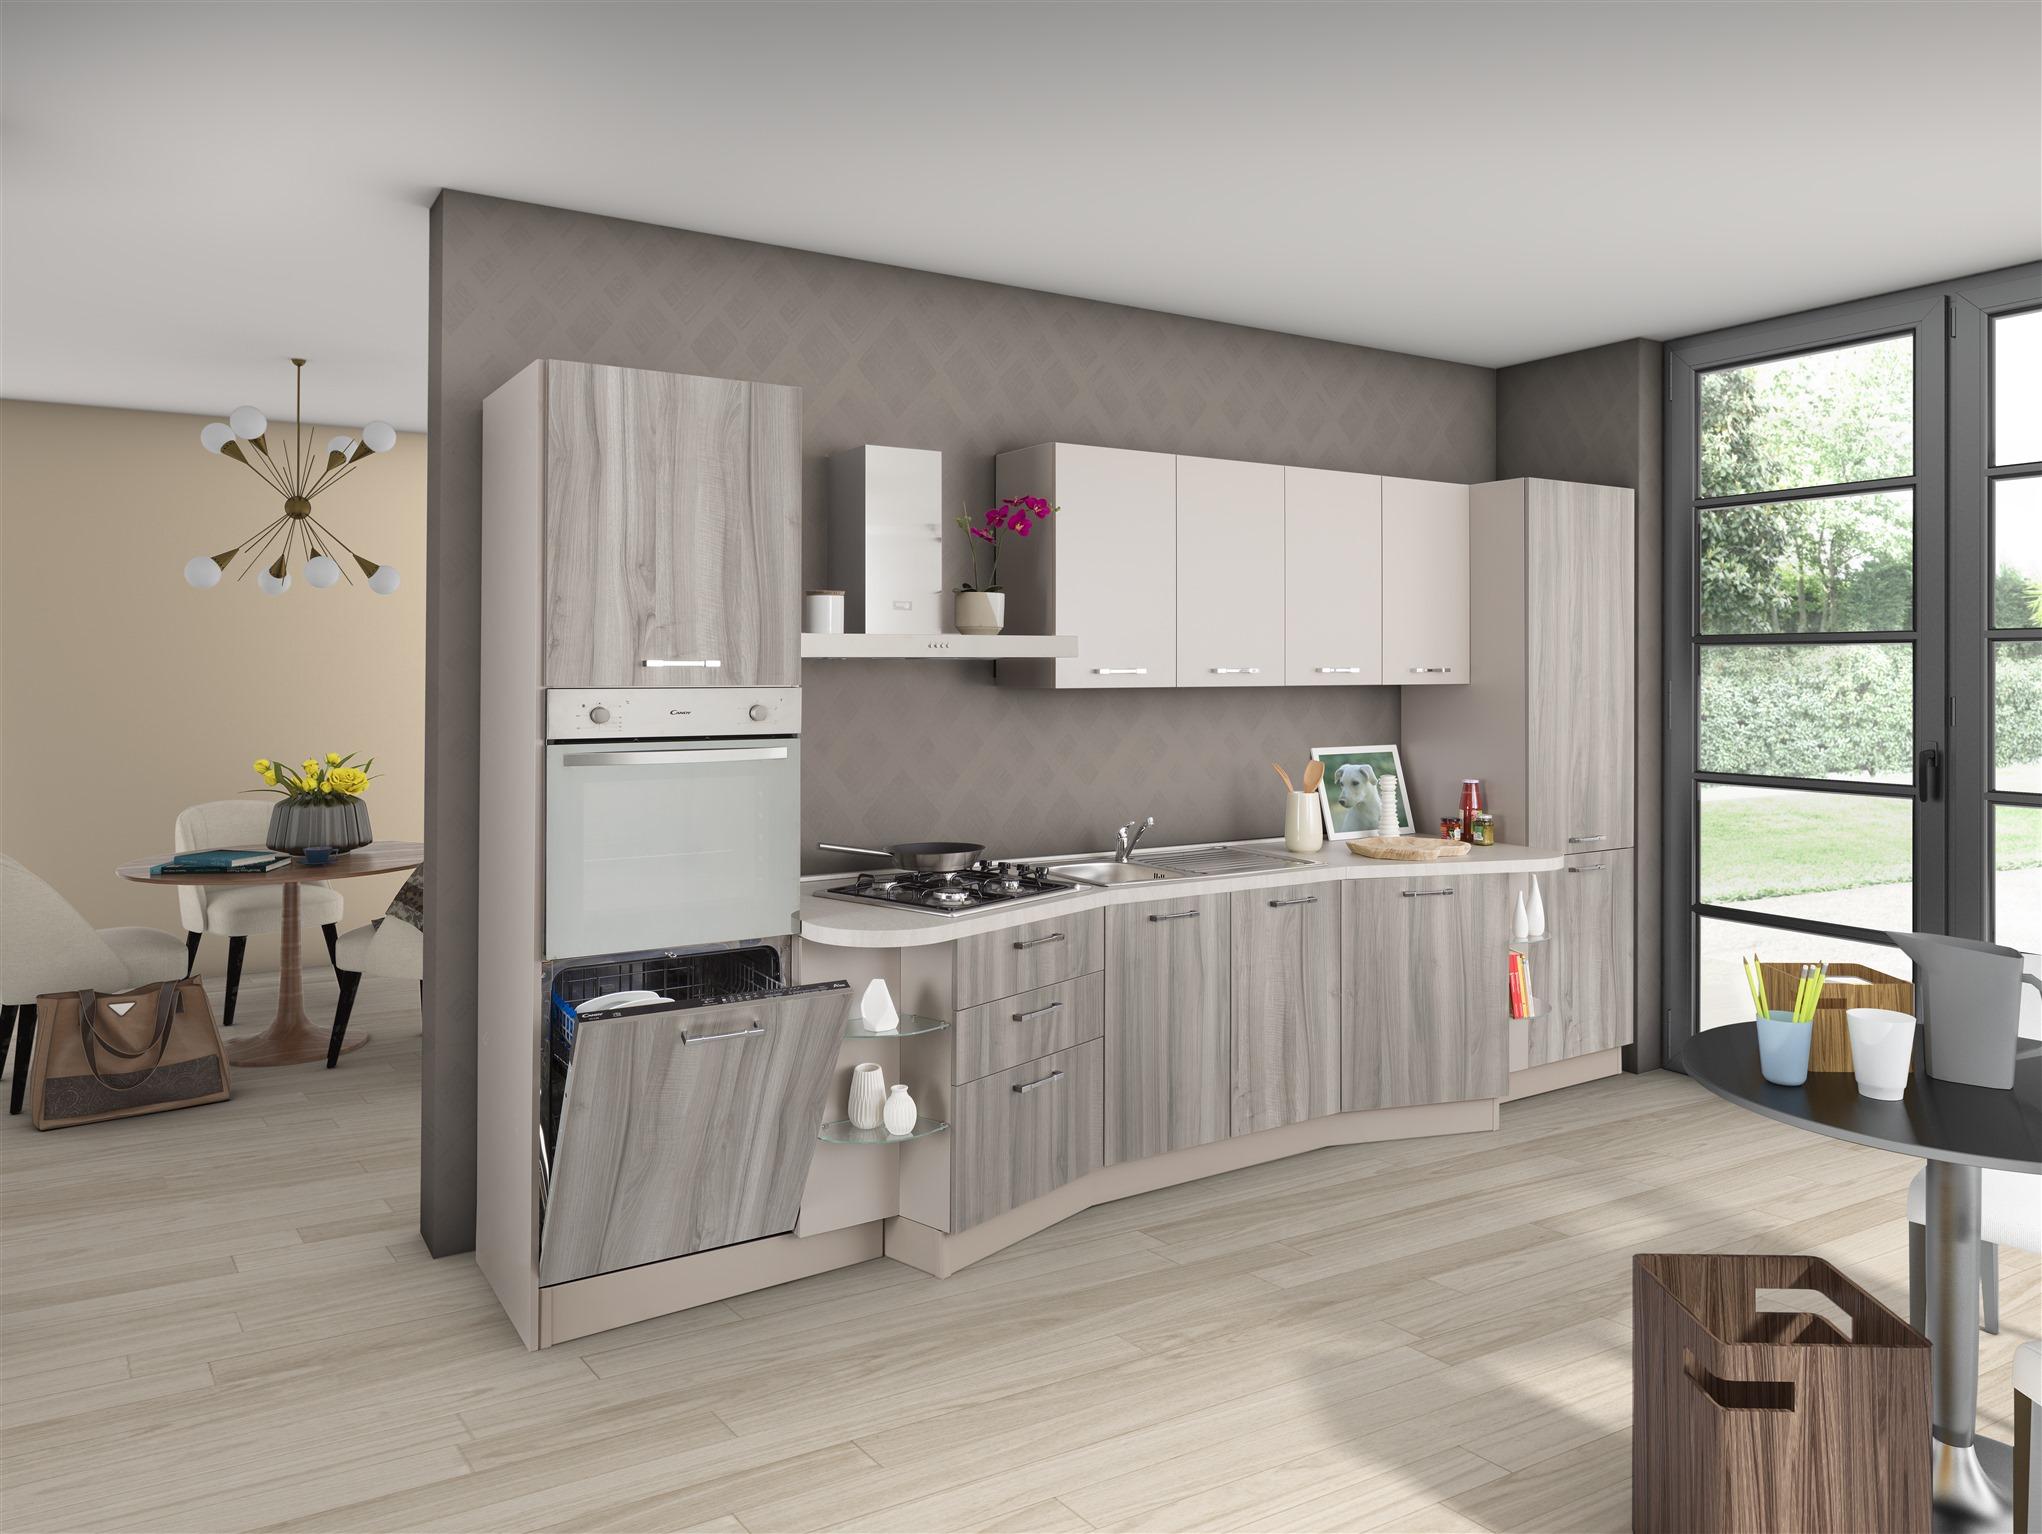 Cucina New Smart Farfalla 4 con lavastoviglie | Arredamenti Di ...